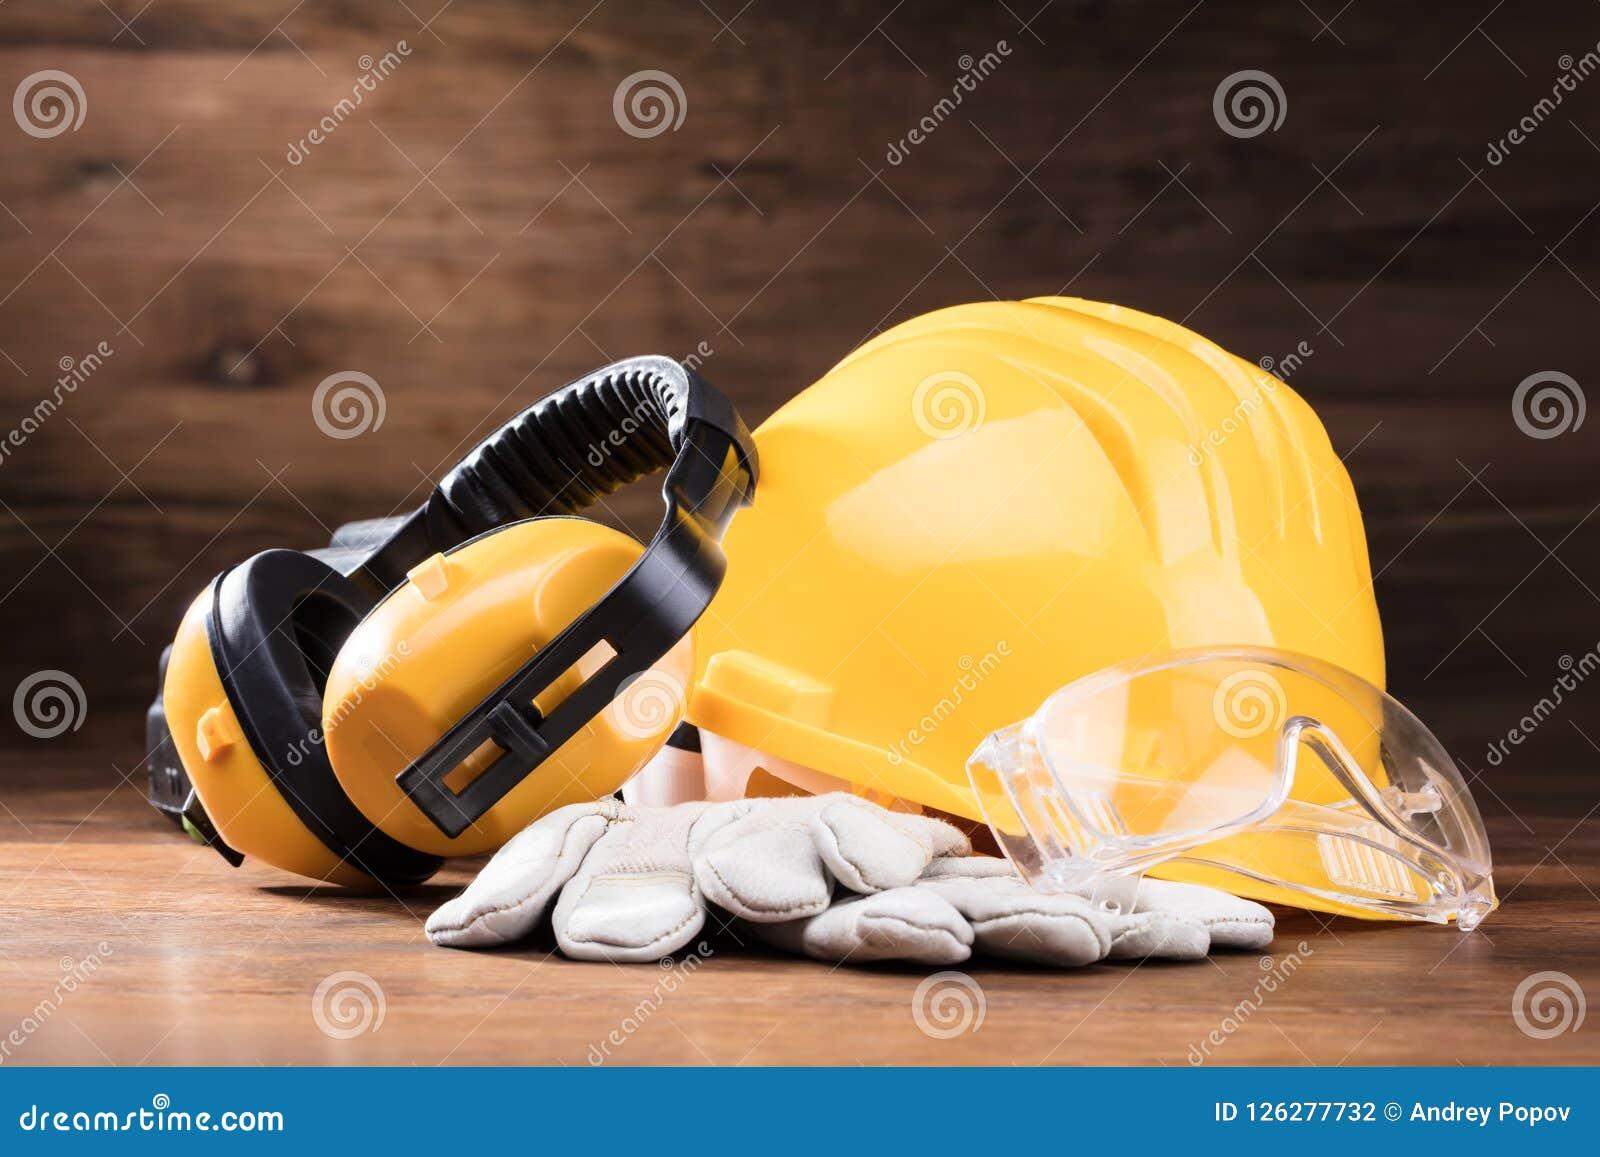 Manchon d oreille, verres de sûreté, et gants blancs sur le Tableau